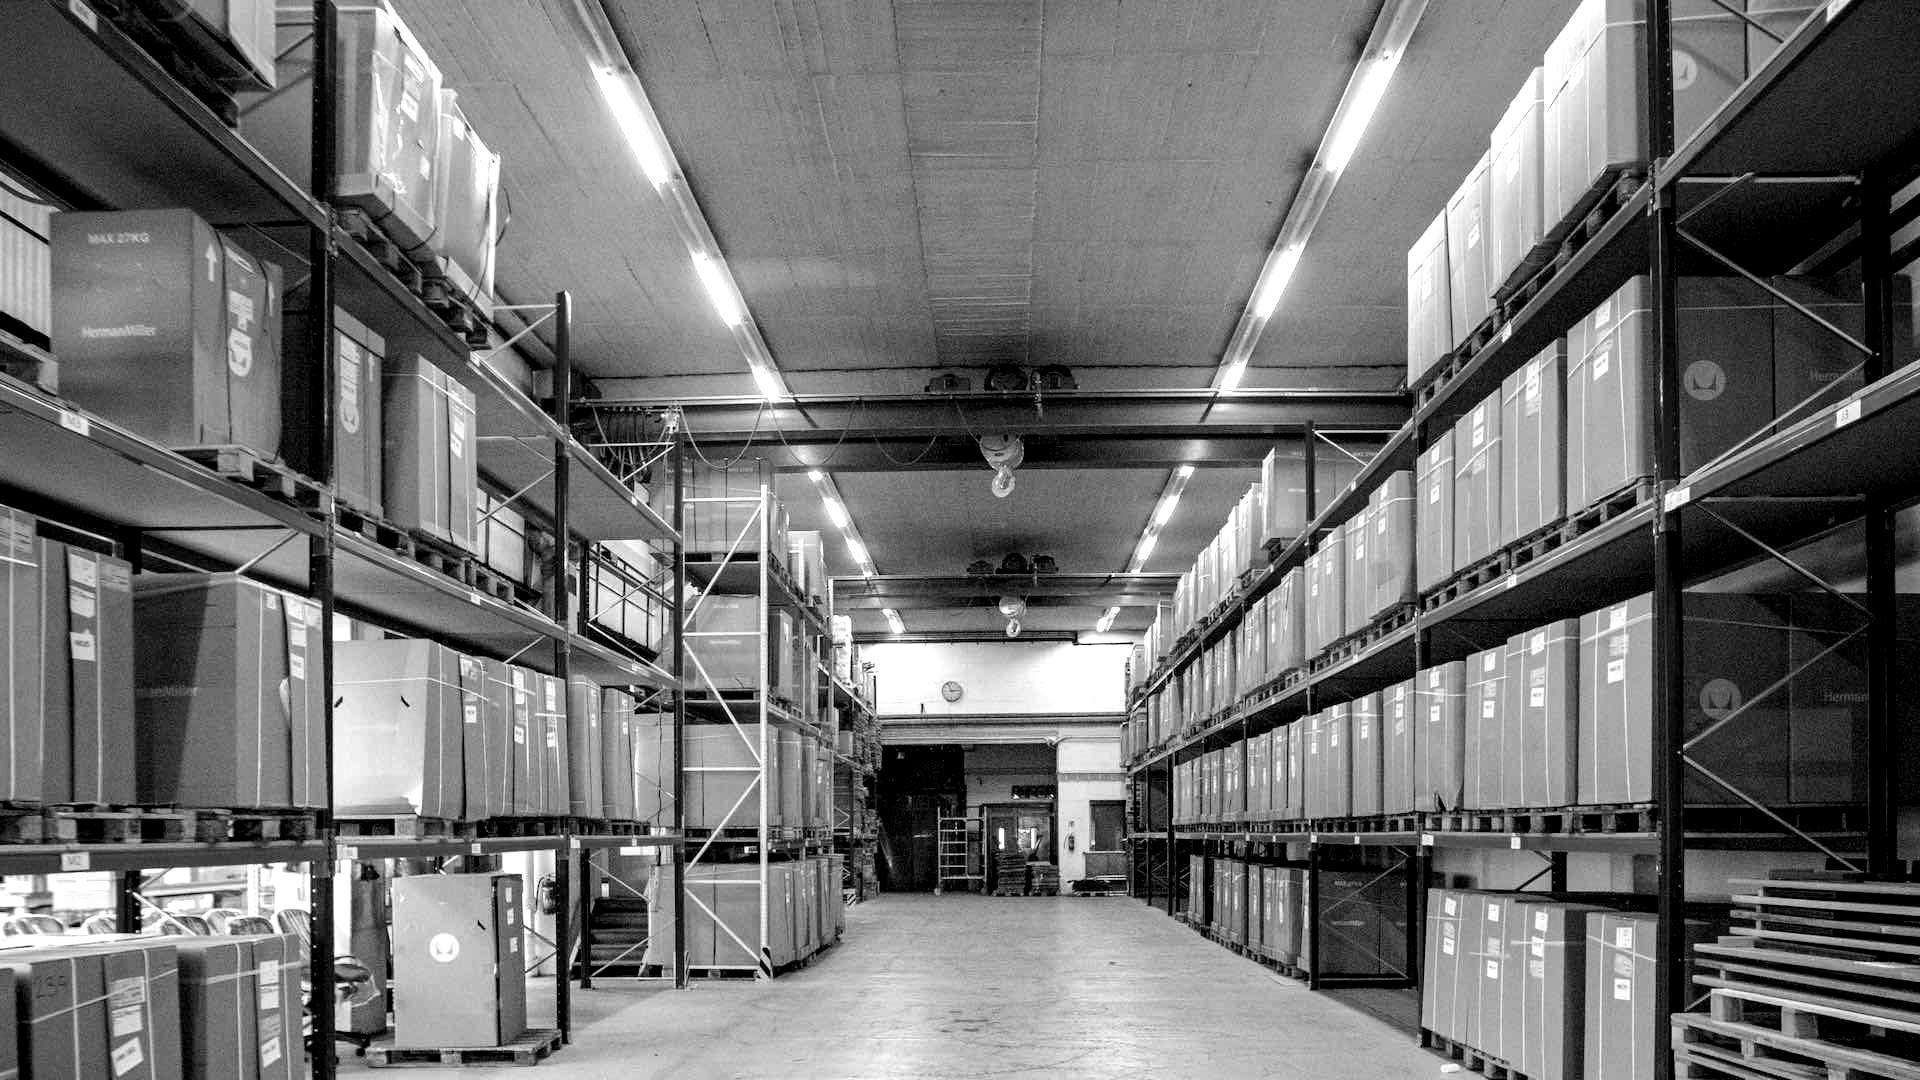 Im Warehouse von wexim halten wir dreistellige Stückzahlen einzelner Modelle ständig auf Lager.